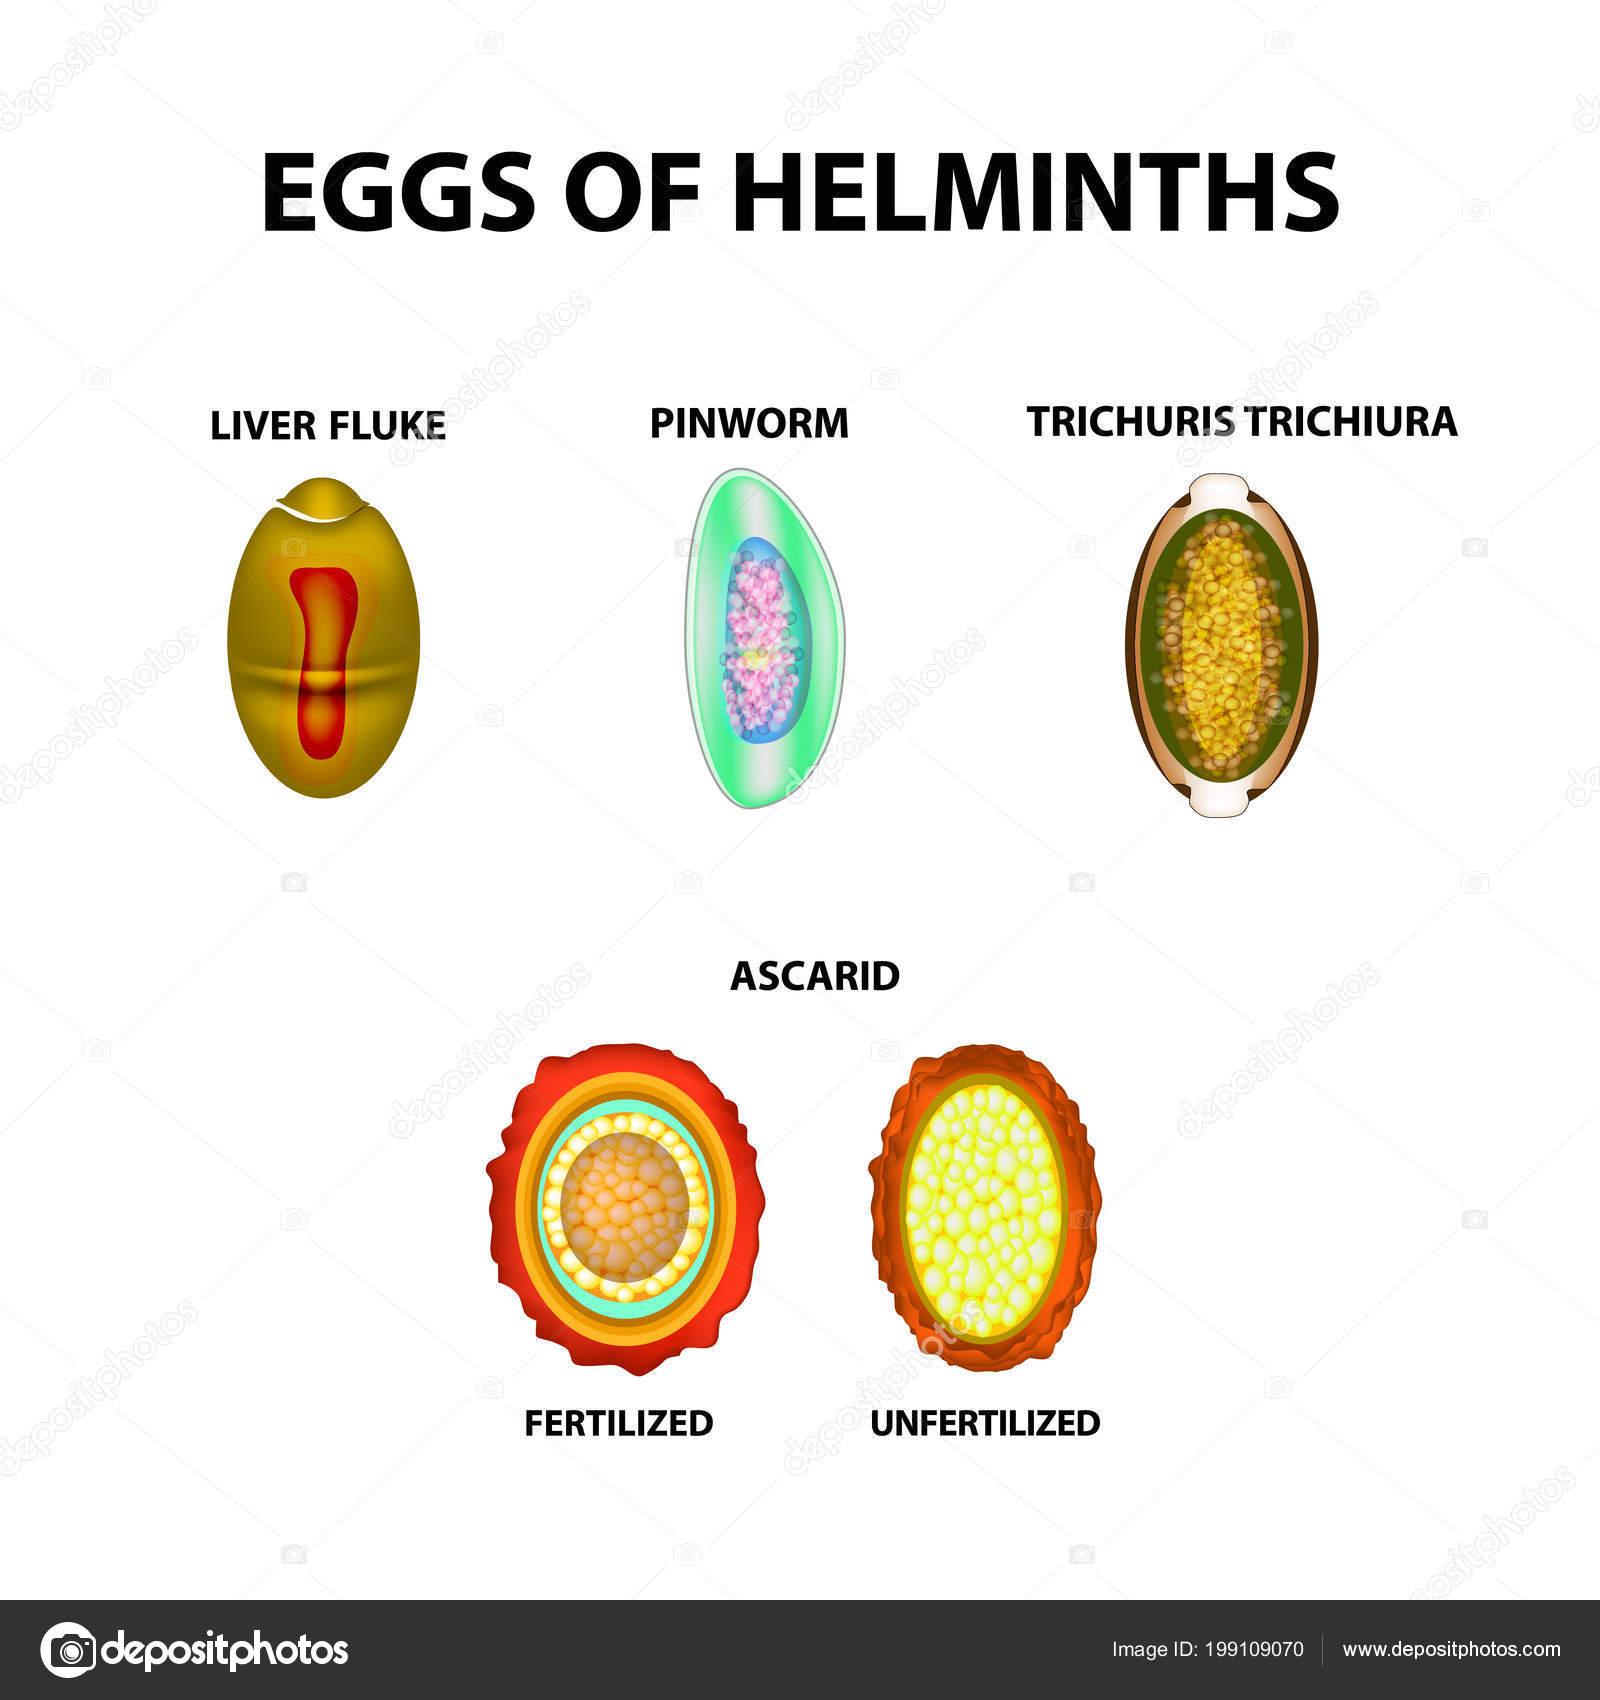 a férgek a helminthiasis a kerekes és a pinworms összehasonlítása